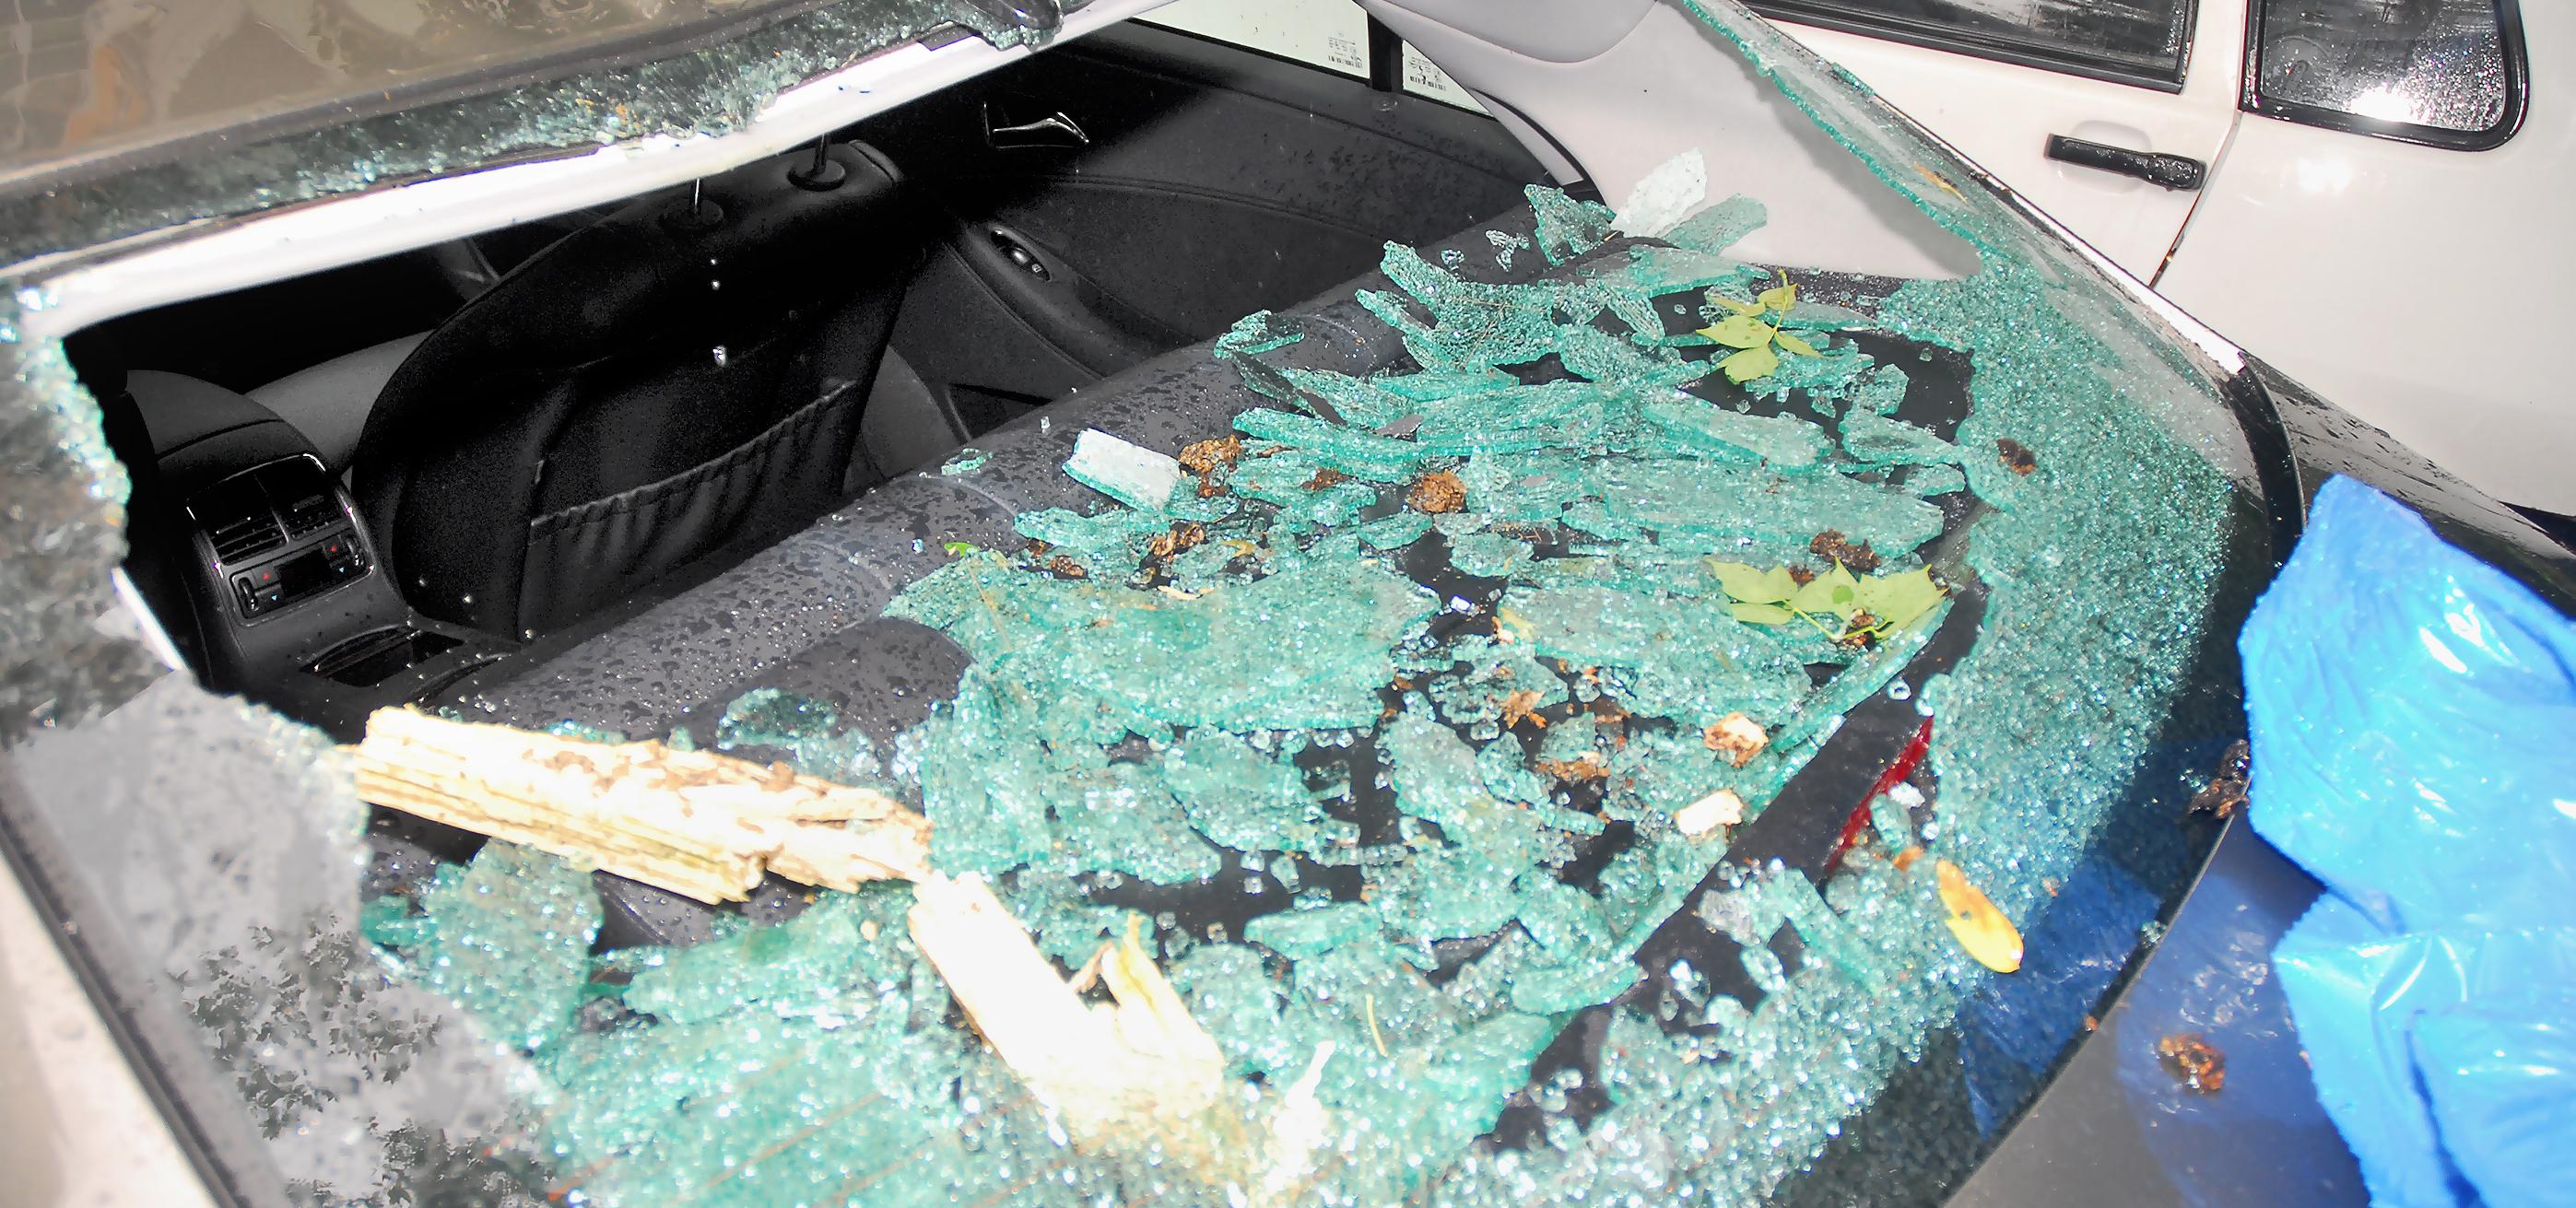 zniszczona tylna szyba samochodu